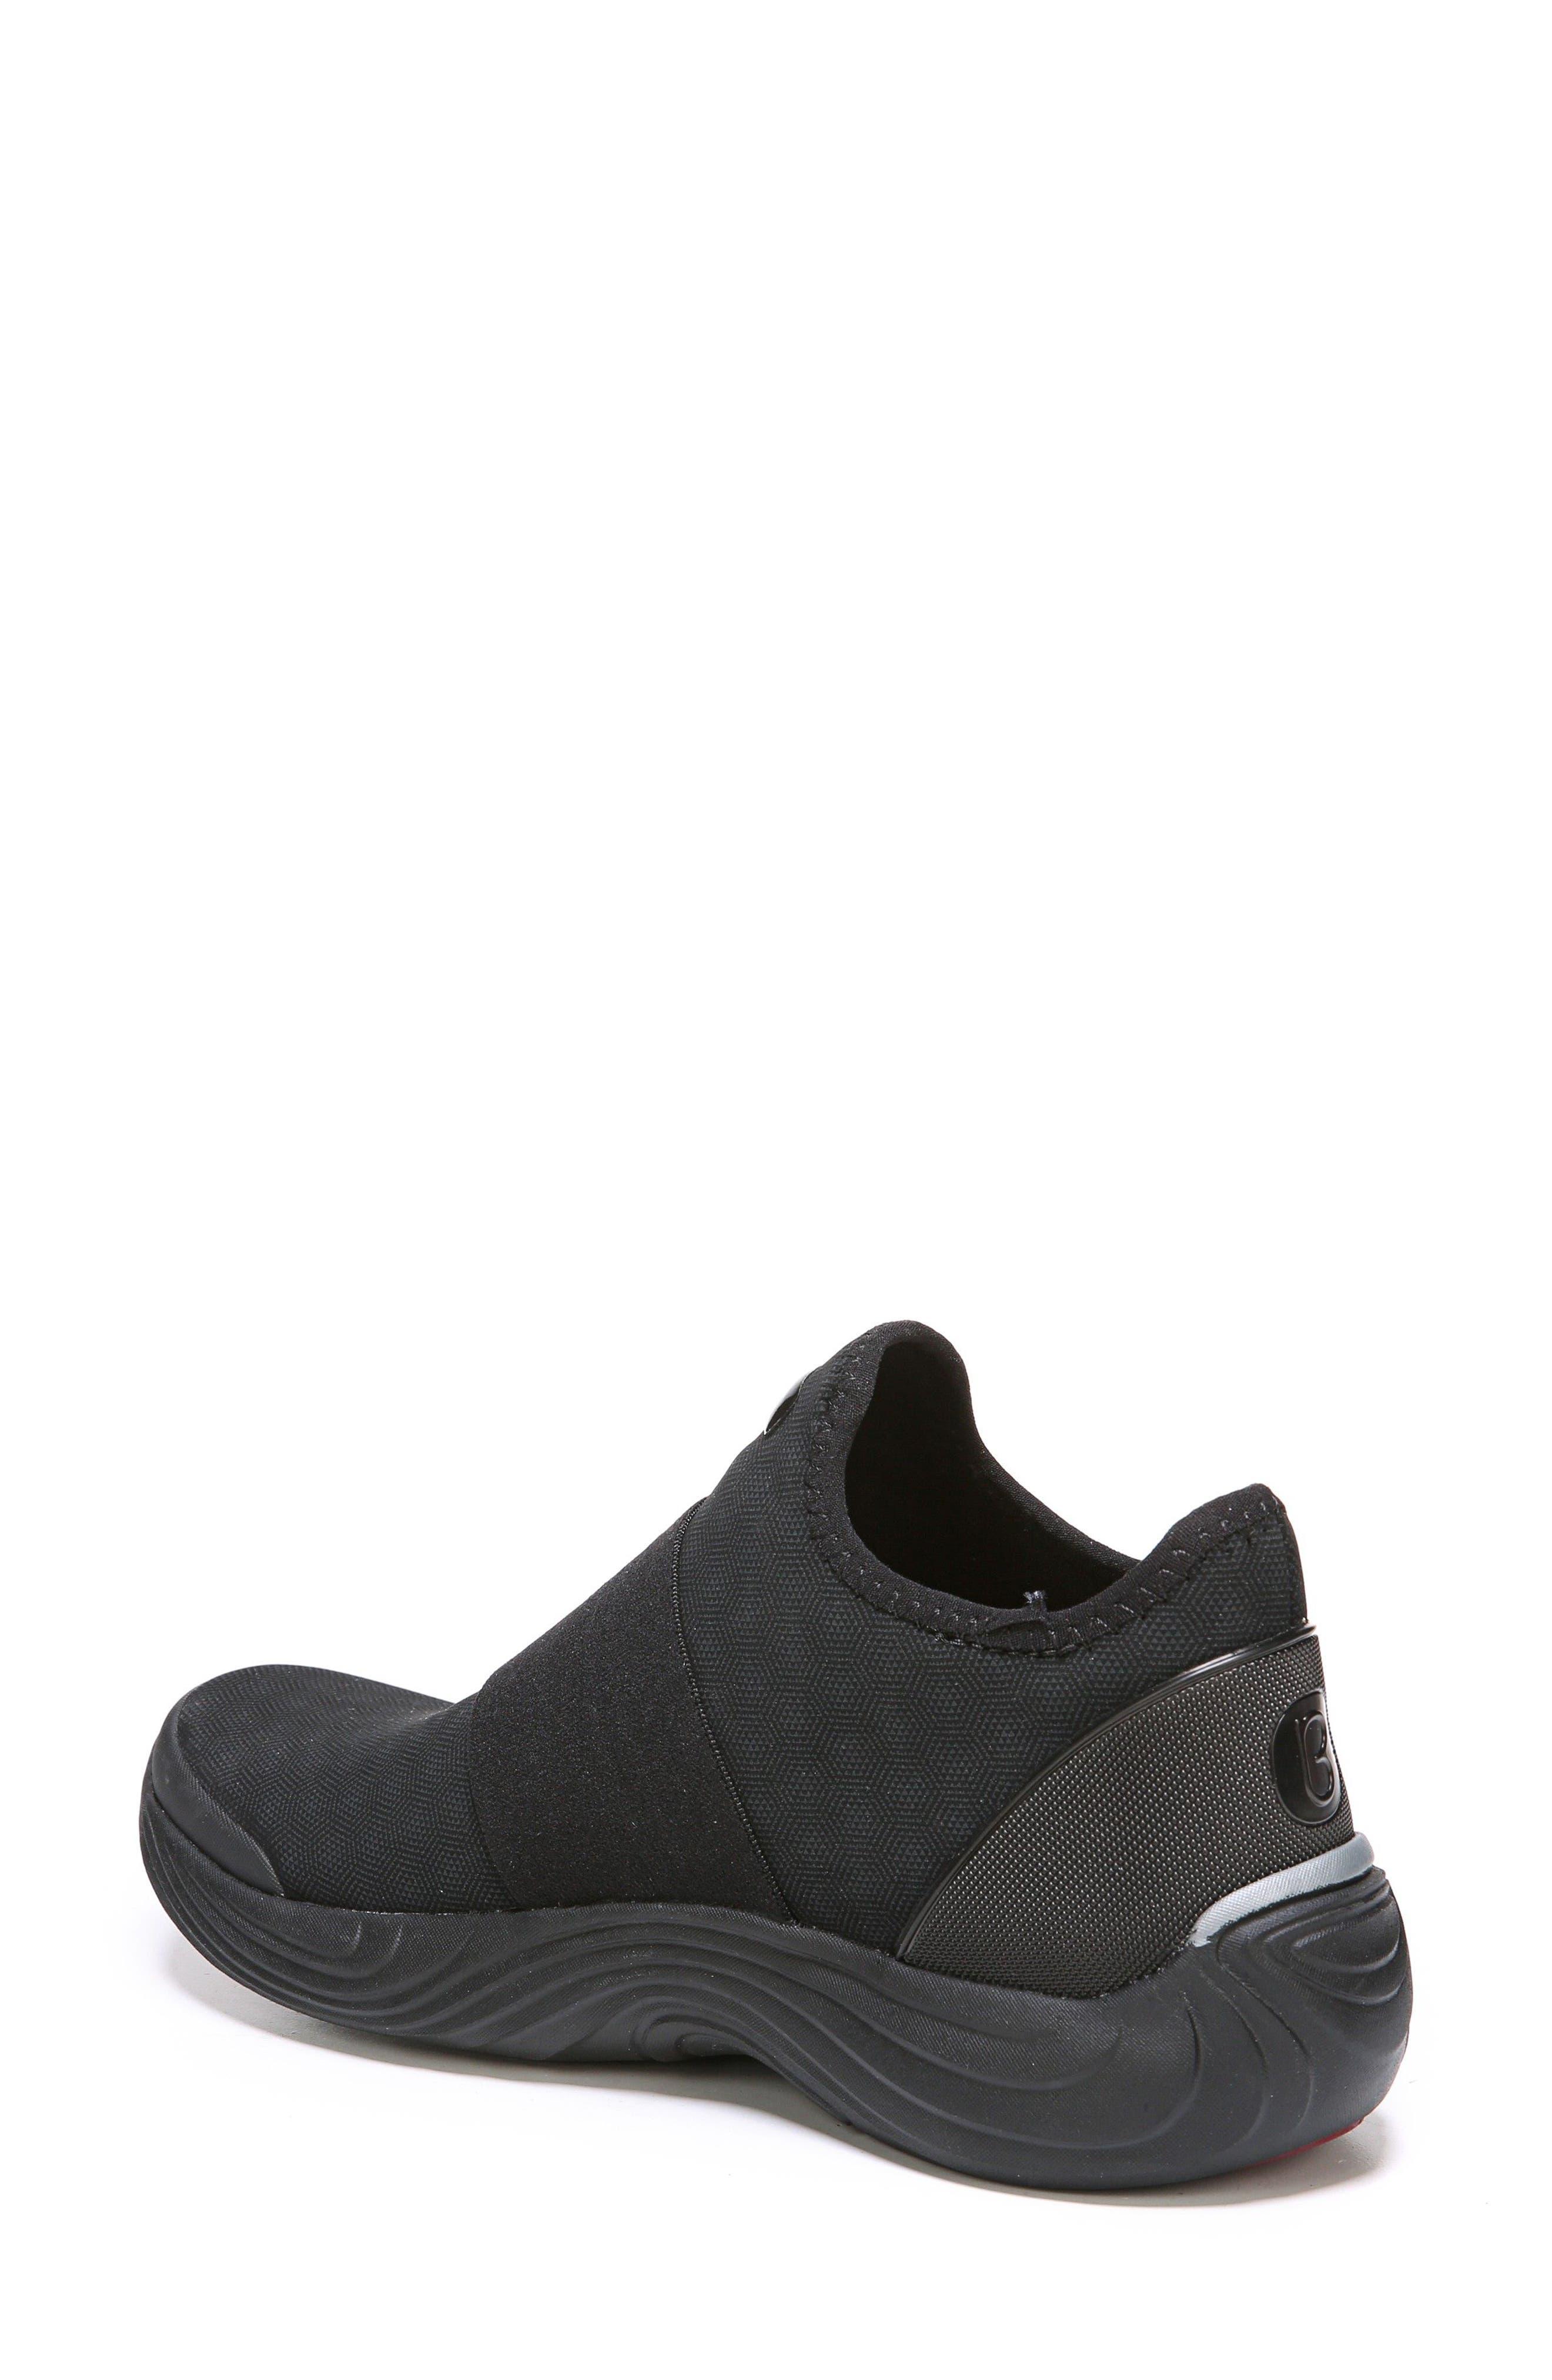 Terri Slip-On Sneaker,                             Alternate thumbnail 2, color,                             001